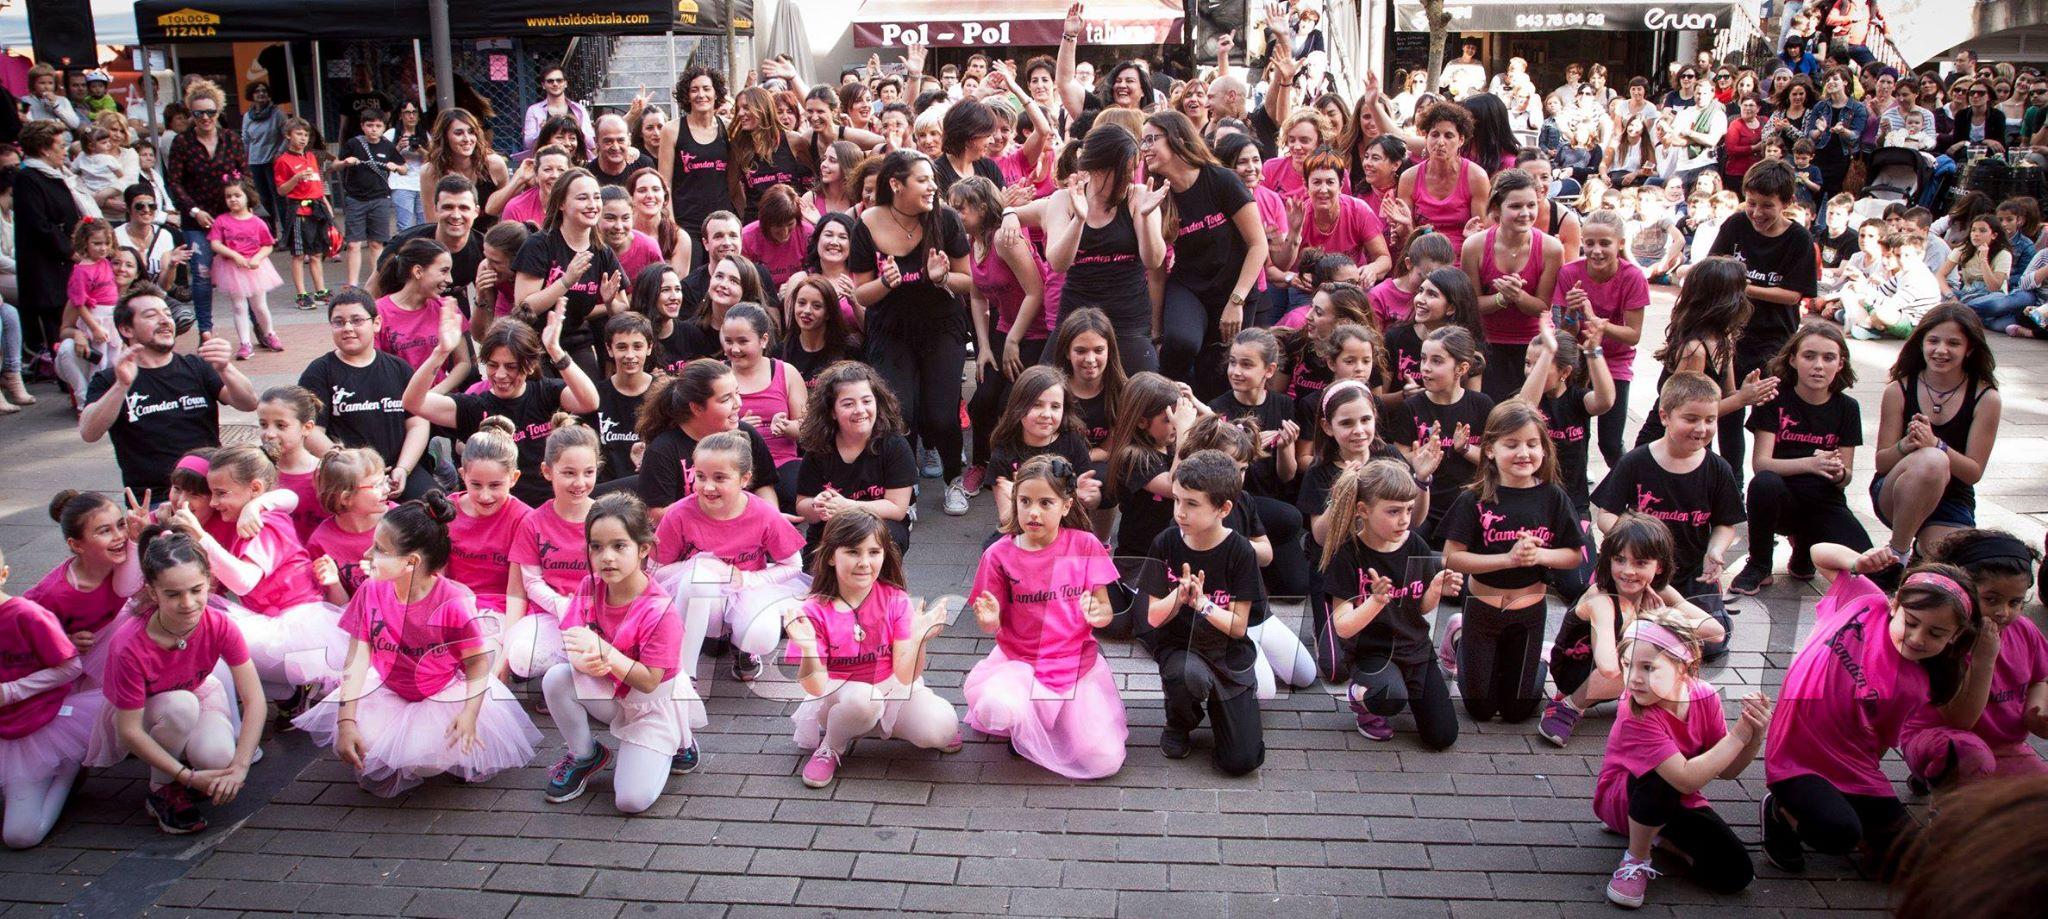 camden town dance academy bergara